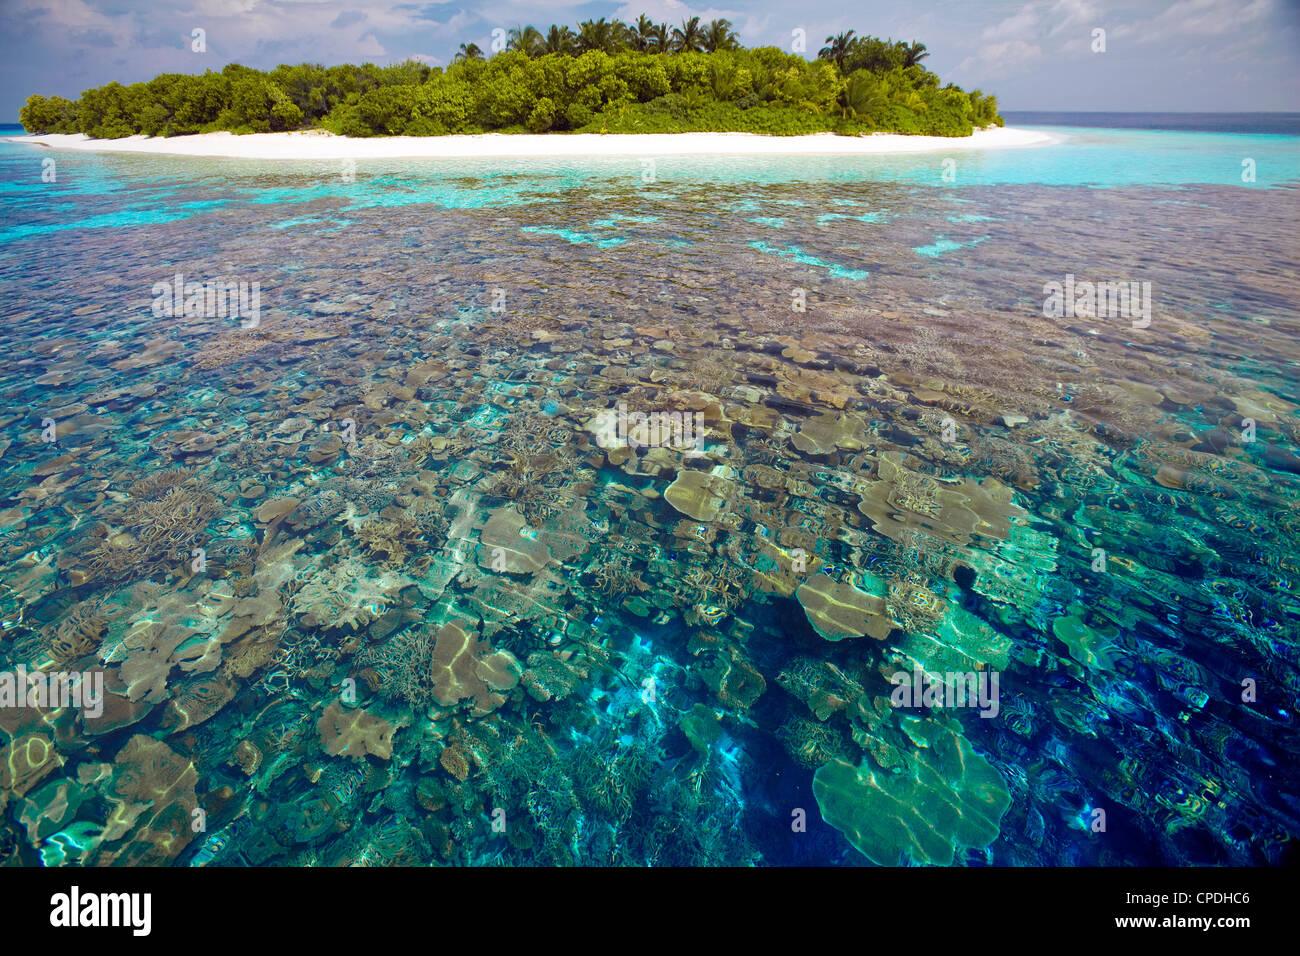 Piastre di corallo, la laguna e l'isola tropicale, Maldive, Oceano Indiano, Asia Immagini Stock